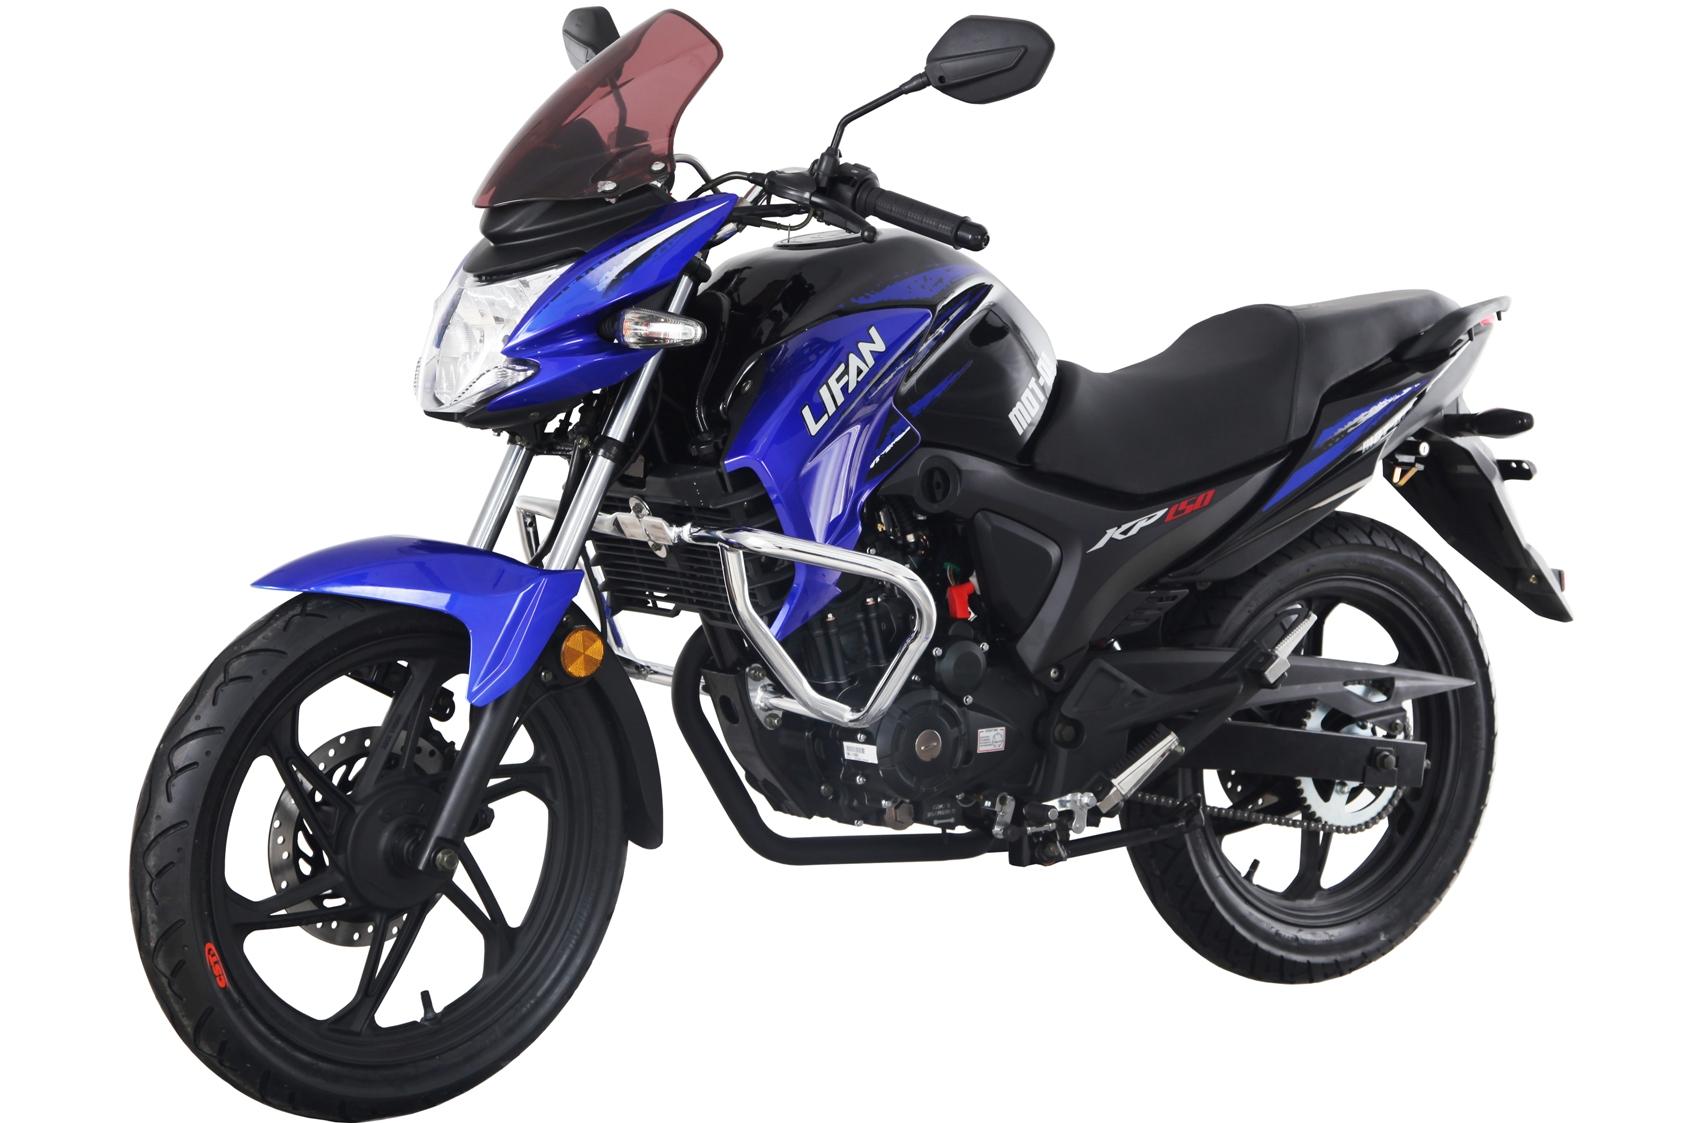 МОТОЦИКЛ LIFAN KP150 (LIFAN IROKEZ) Blue ― Артмото - купить квадроцикл в украине и харькове, мотоцикл, снегоход, скутер, мопед, электромобиль